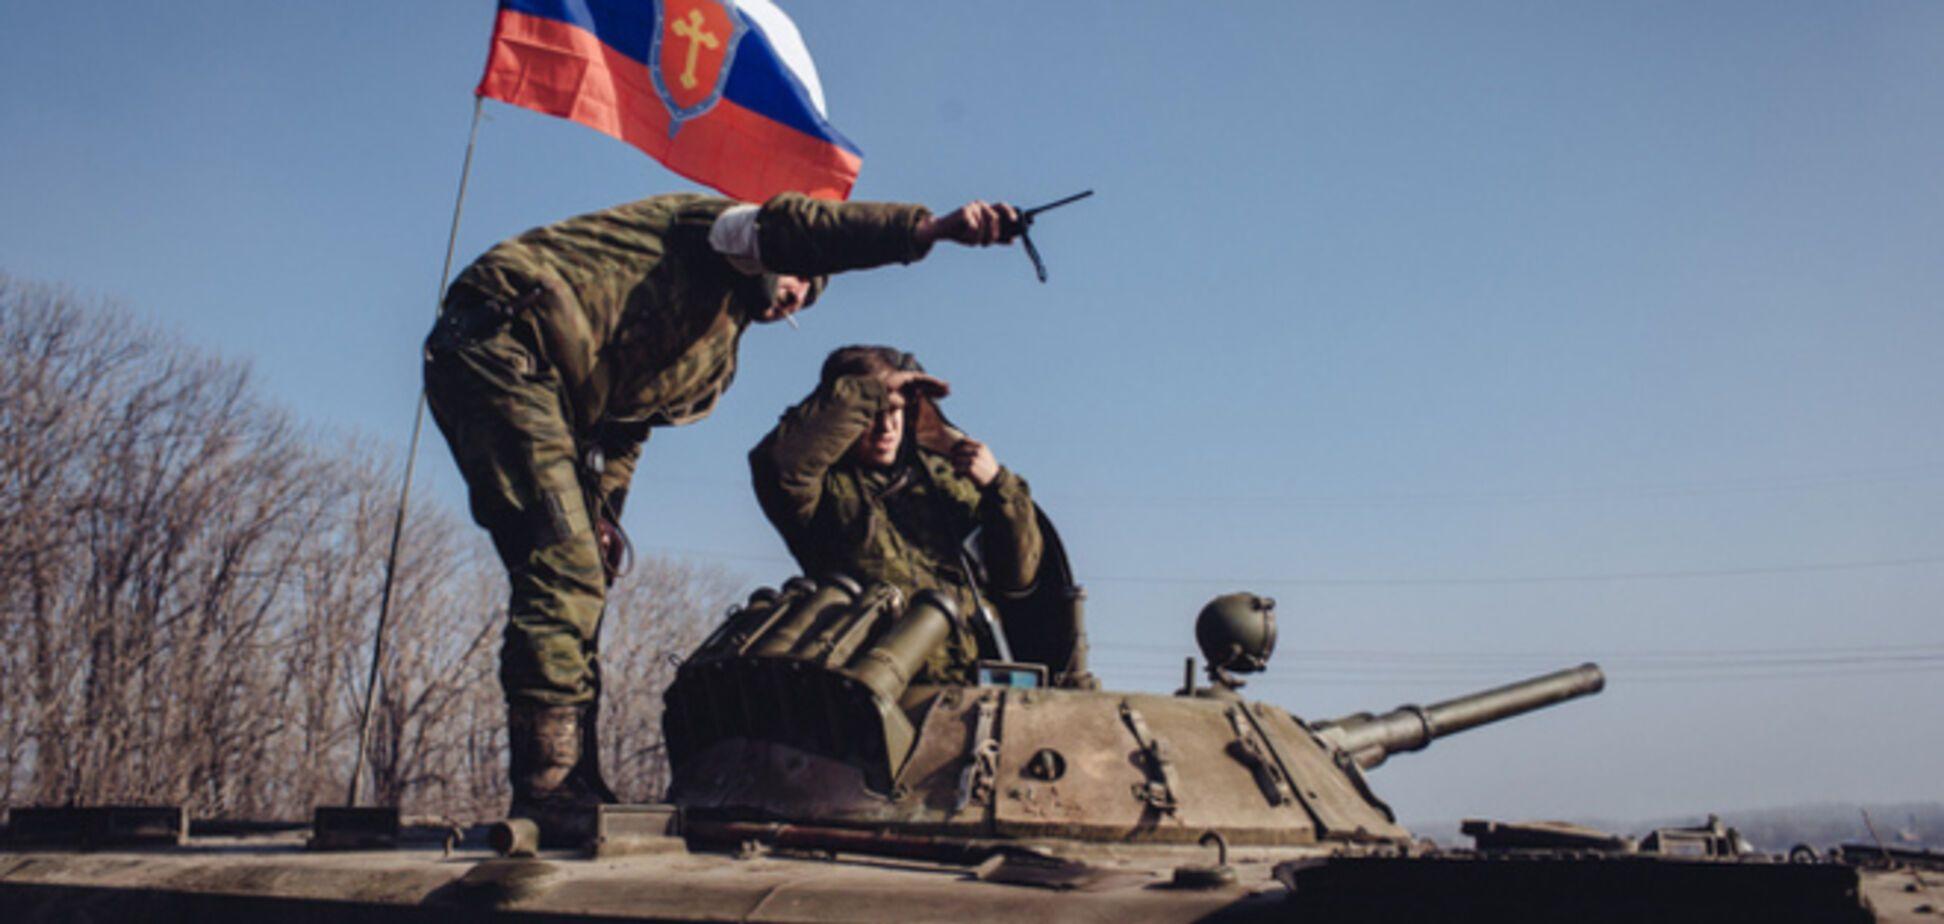 Российские войска и техника продолжают сосредотачиваться на мариупольском направлении